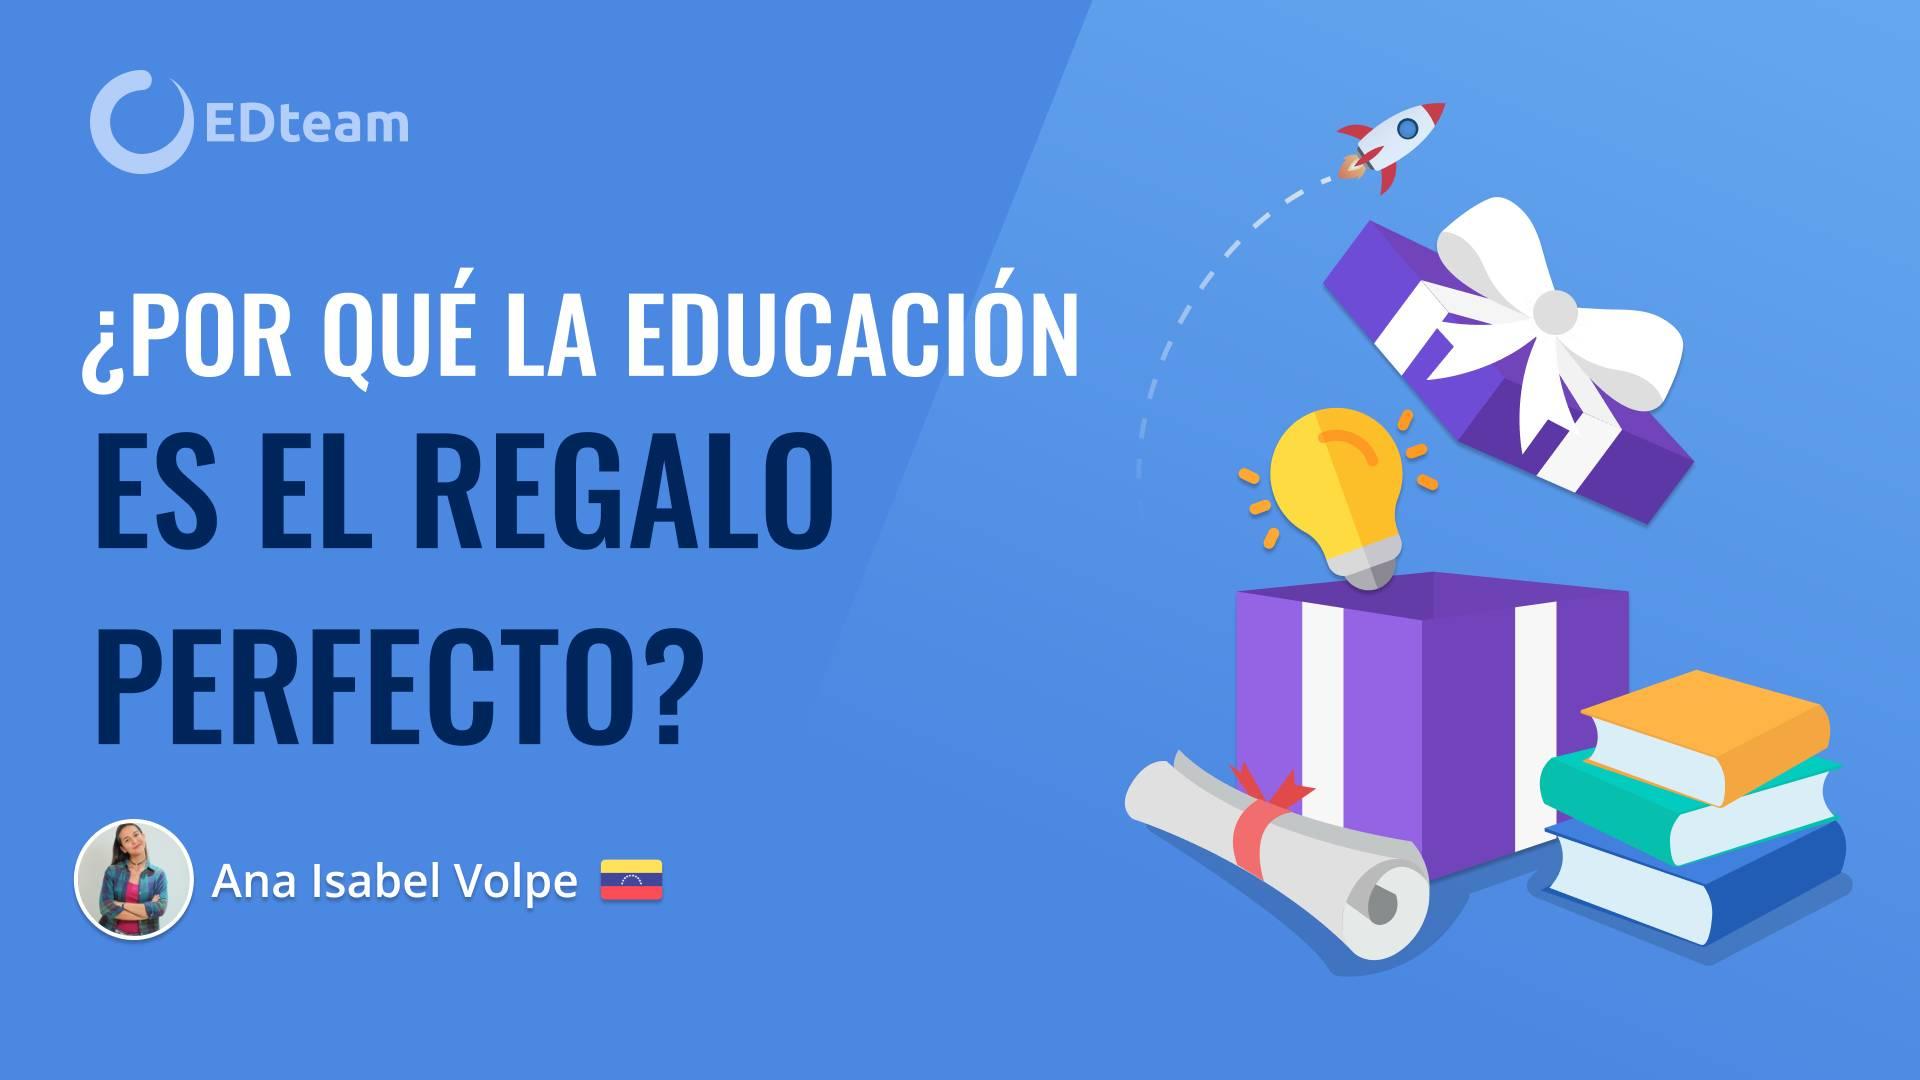 ¿Por qué la educación es el regalo perfecto?